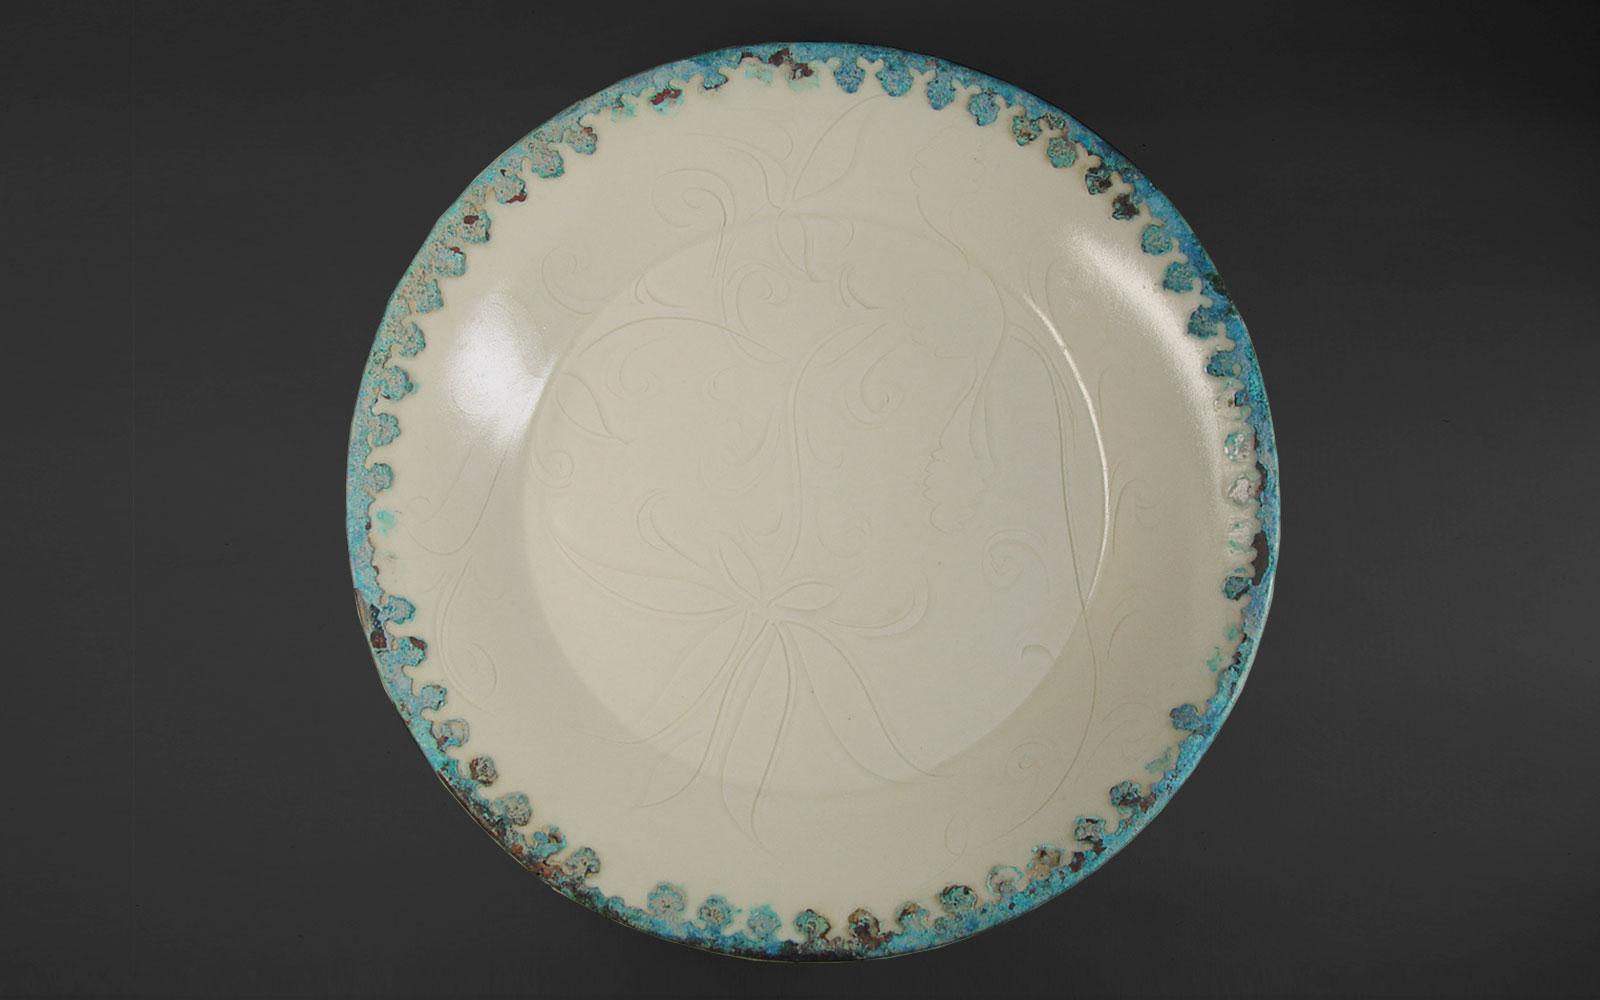 金 定窯白釉包銅邊劃花蓮紋折腰盤 Ding ware dish with incised floral design and a bronze rim, Jin dynasty (1115-1234 CE), d21.1cm